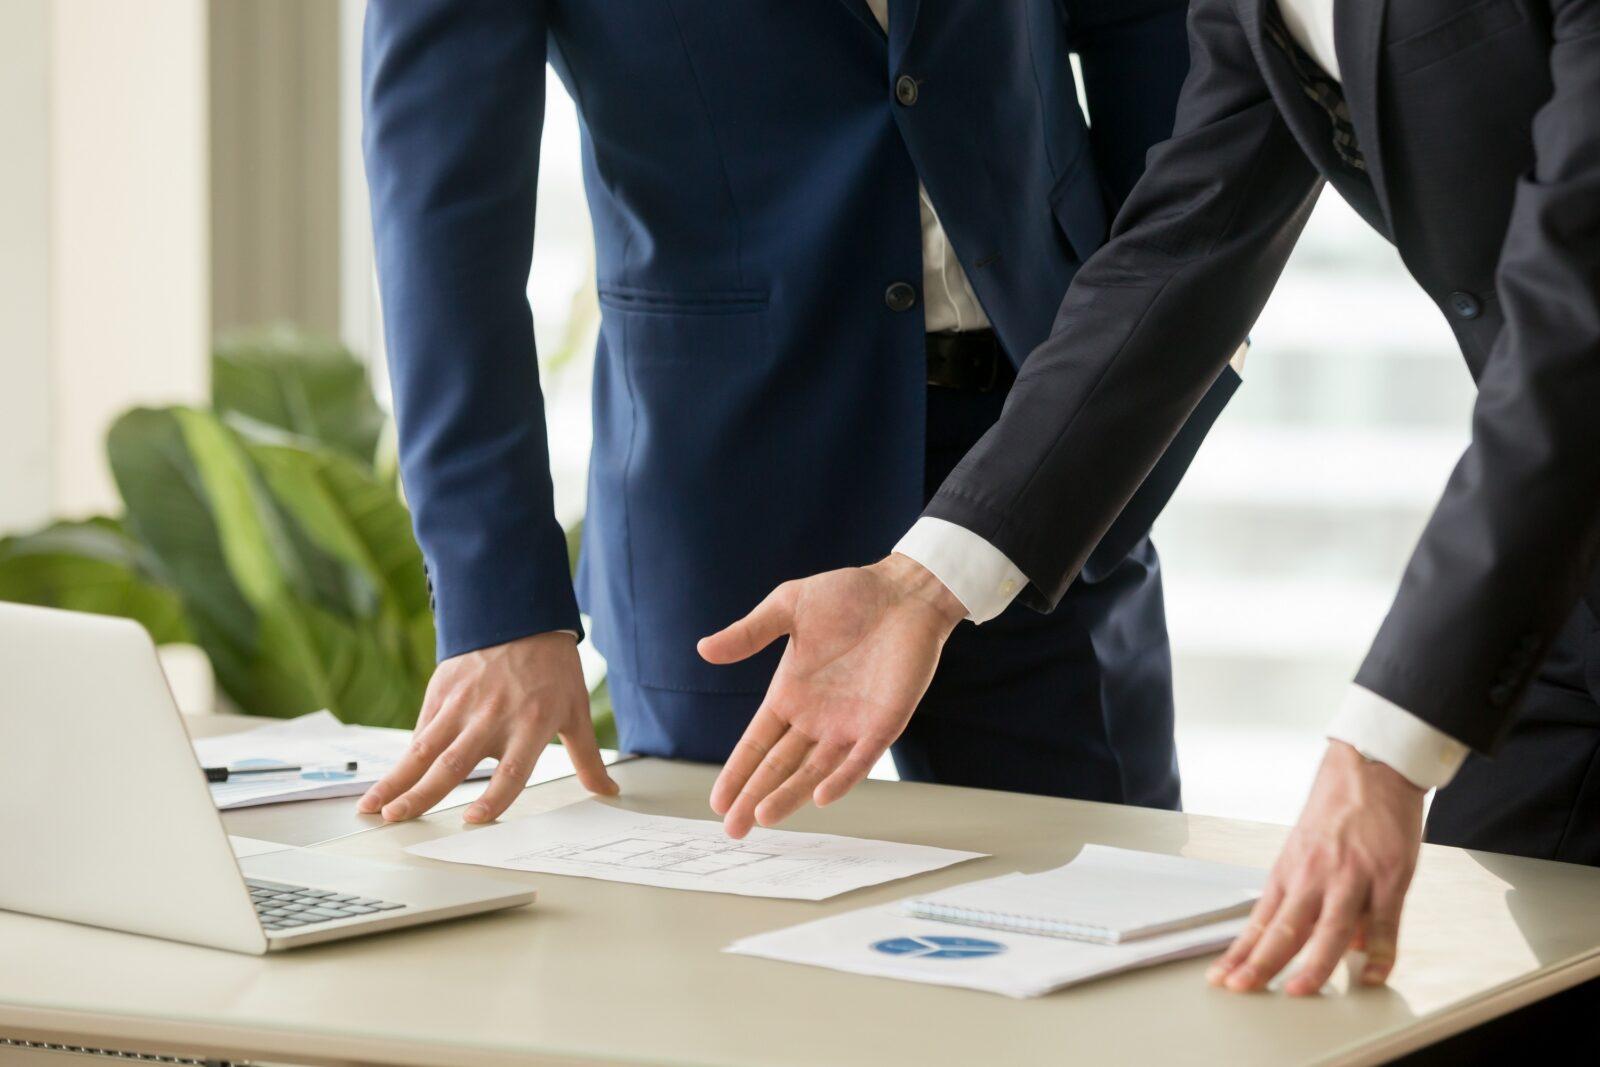 Միջազգային ֆինանսական կորպորացիայի (IFC) հետ համագործակցությունը շարունակվում է